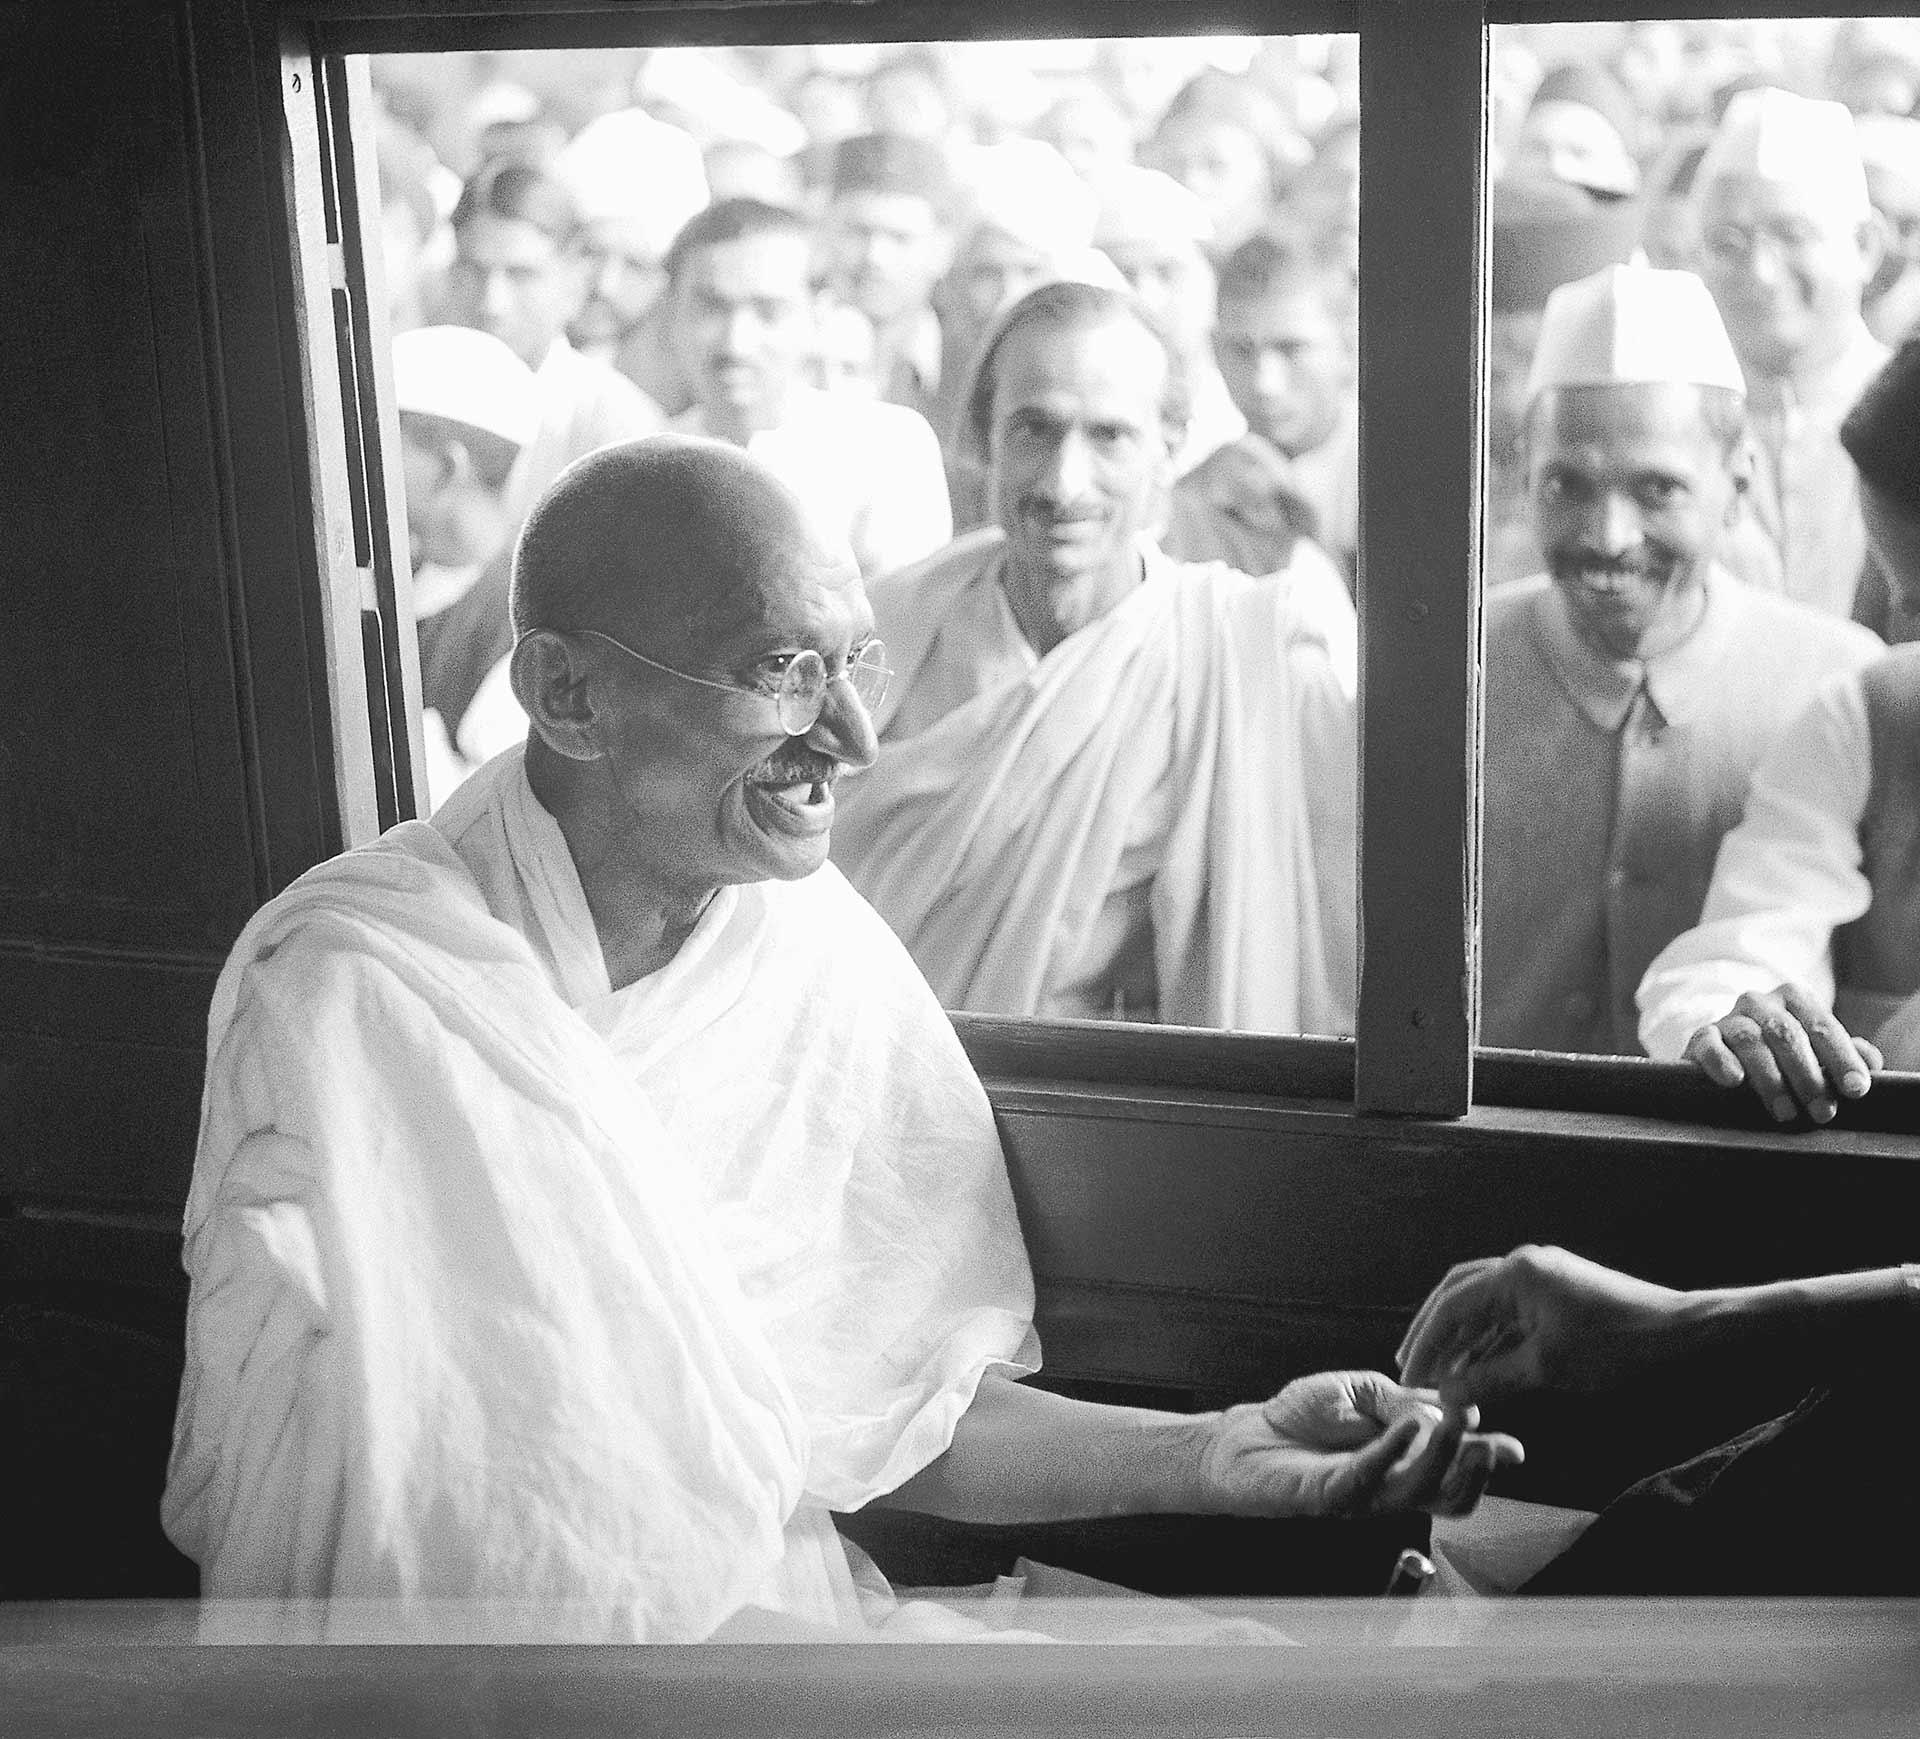 Ганди получает пожертвование в купе поезда (1940)